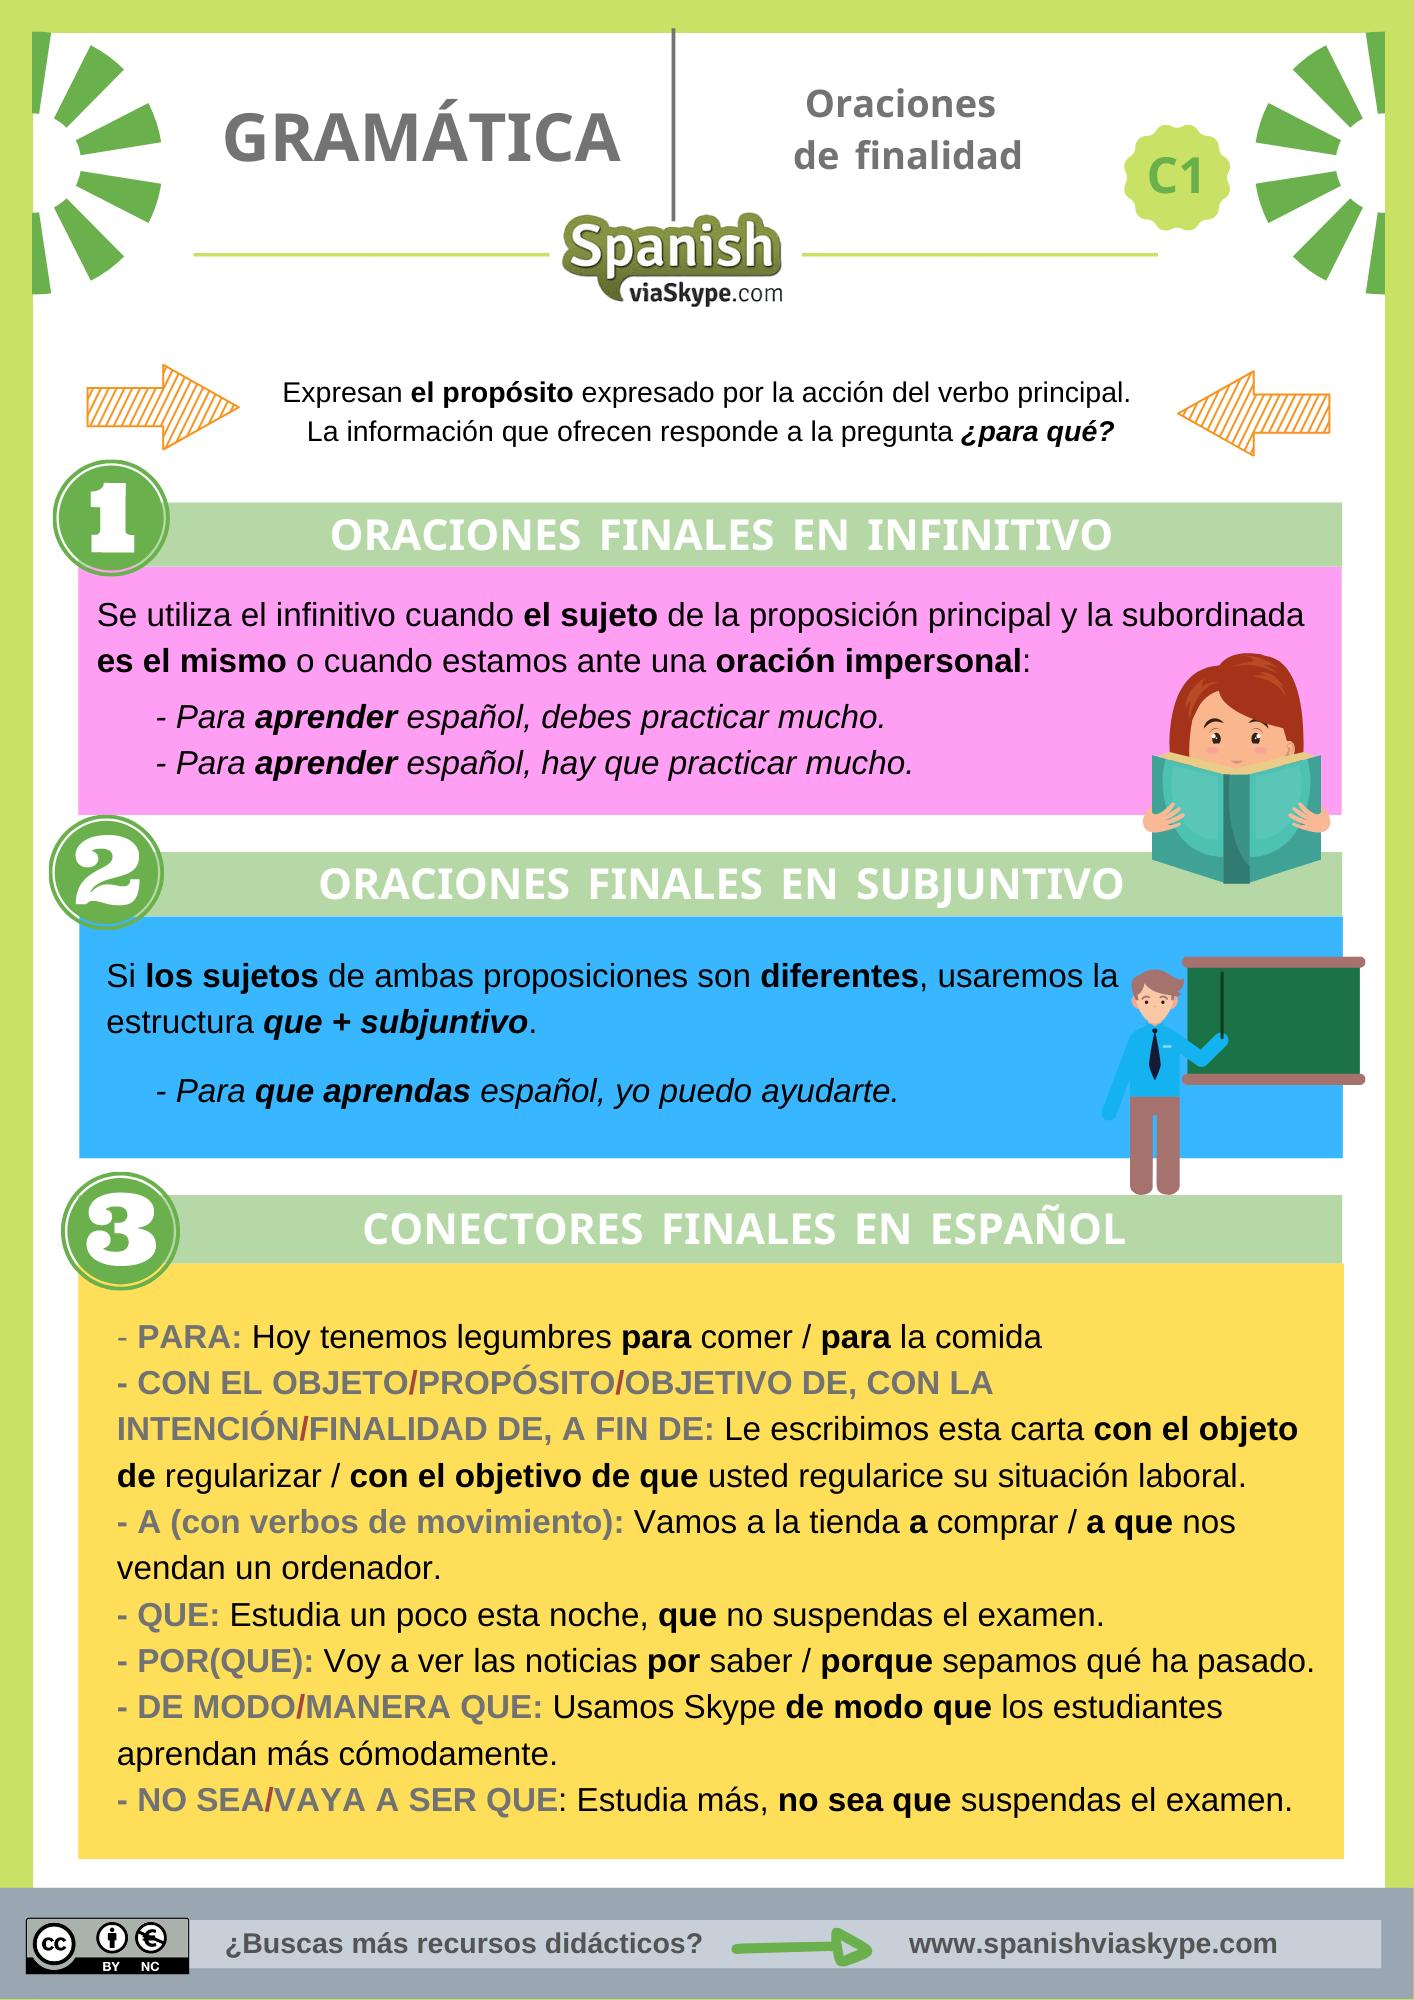 Infografía sobre las oraciones de finalidad en español